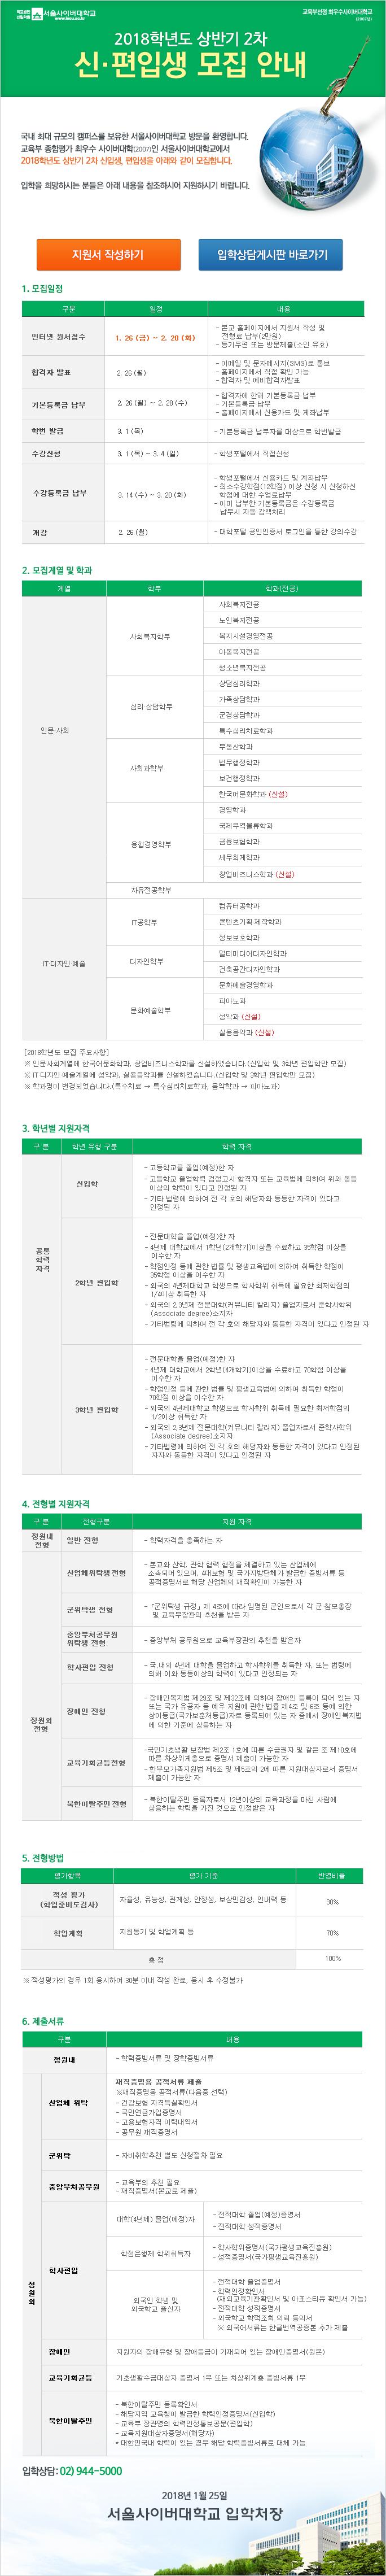 2018학년도 상반기 2차 신·편입생 모집 안내